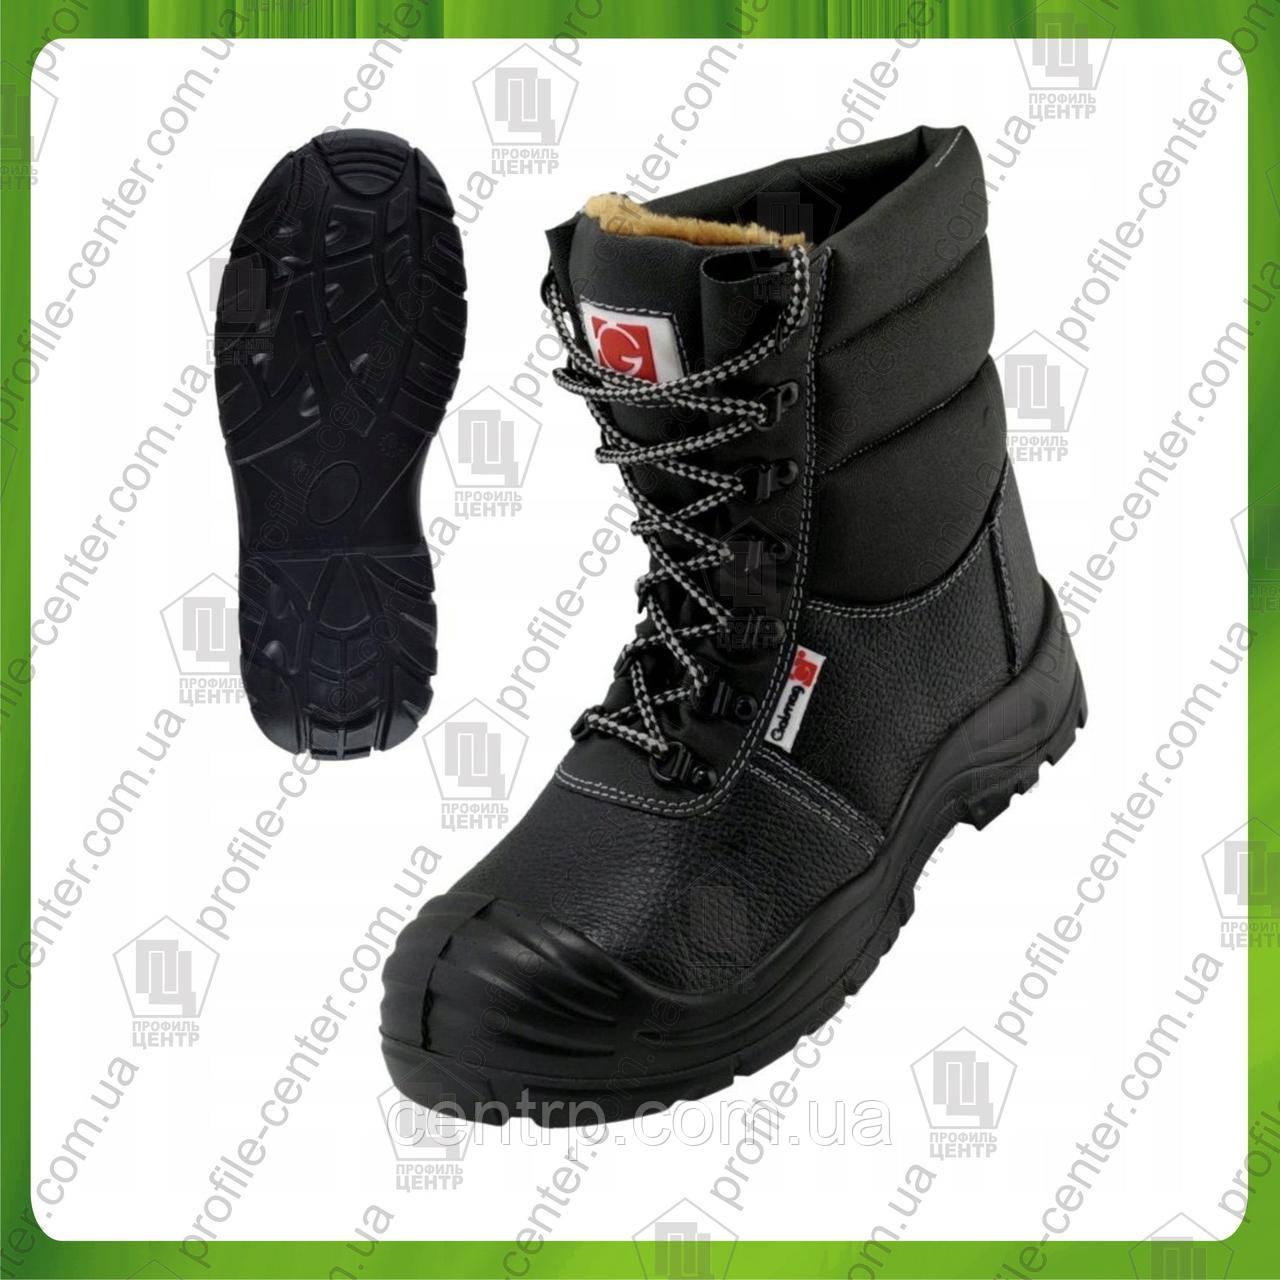 Рабочие зимние берцы с металлическим носком GALMAG 492 SB (нат.кожа + текстильный материал)